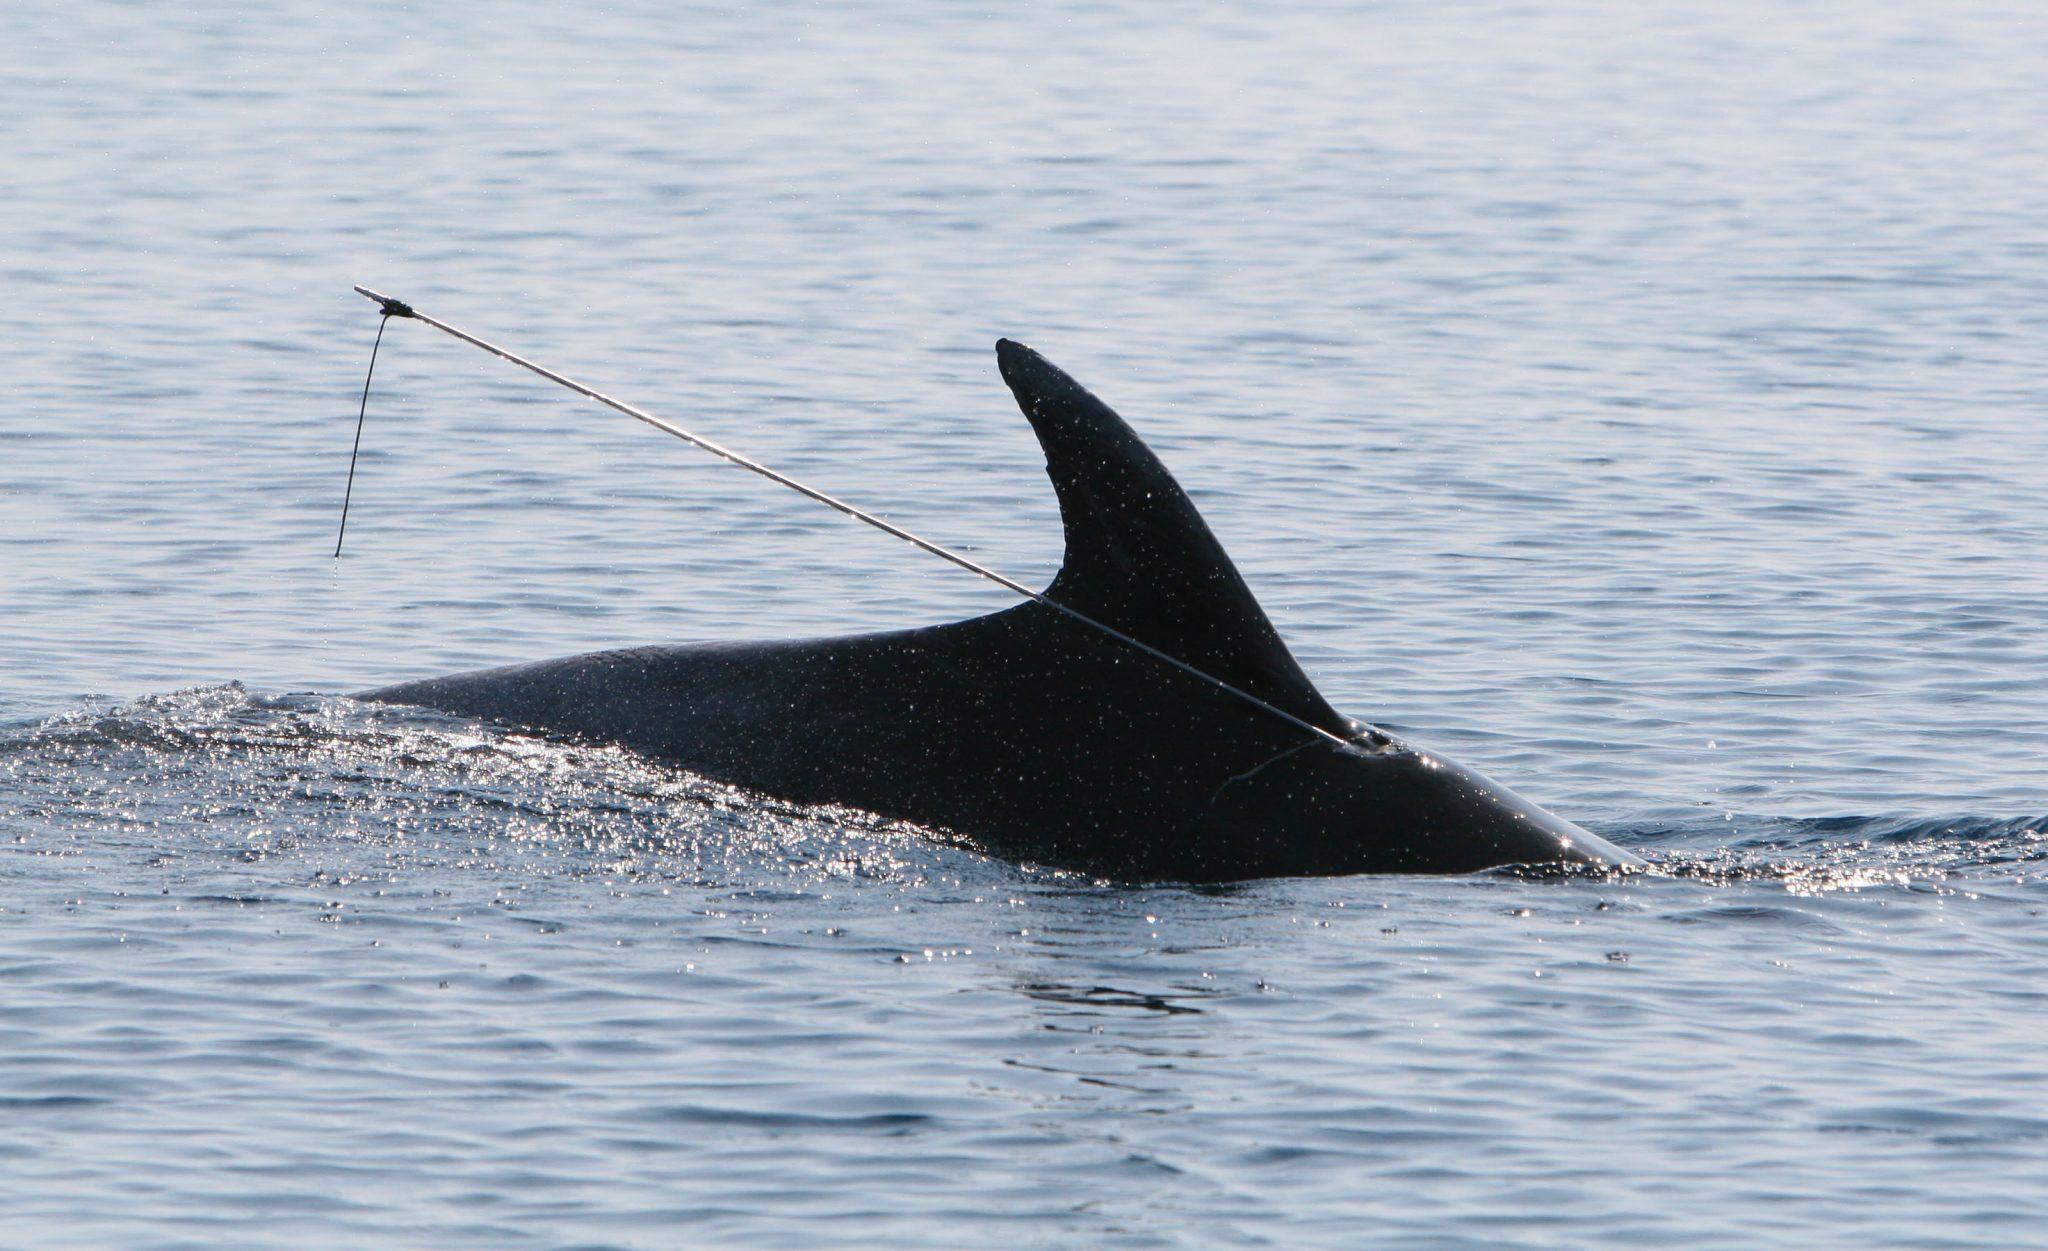 softver za društvene mreže za druženje s delfinima scena izlazaka u sjevernoj Karolini